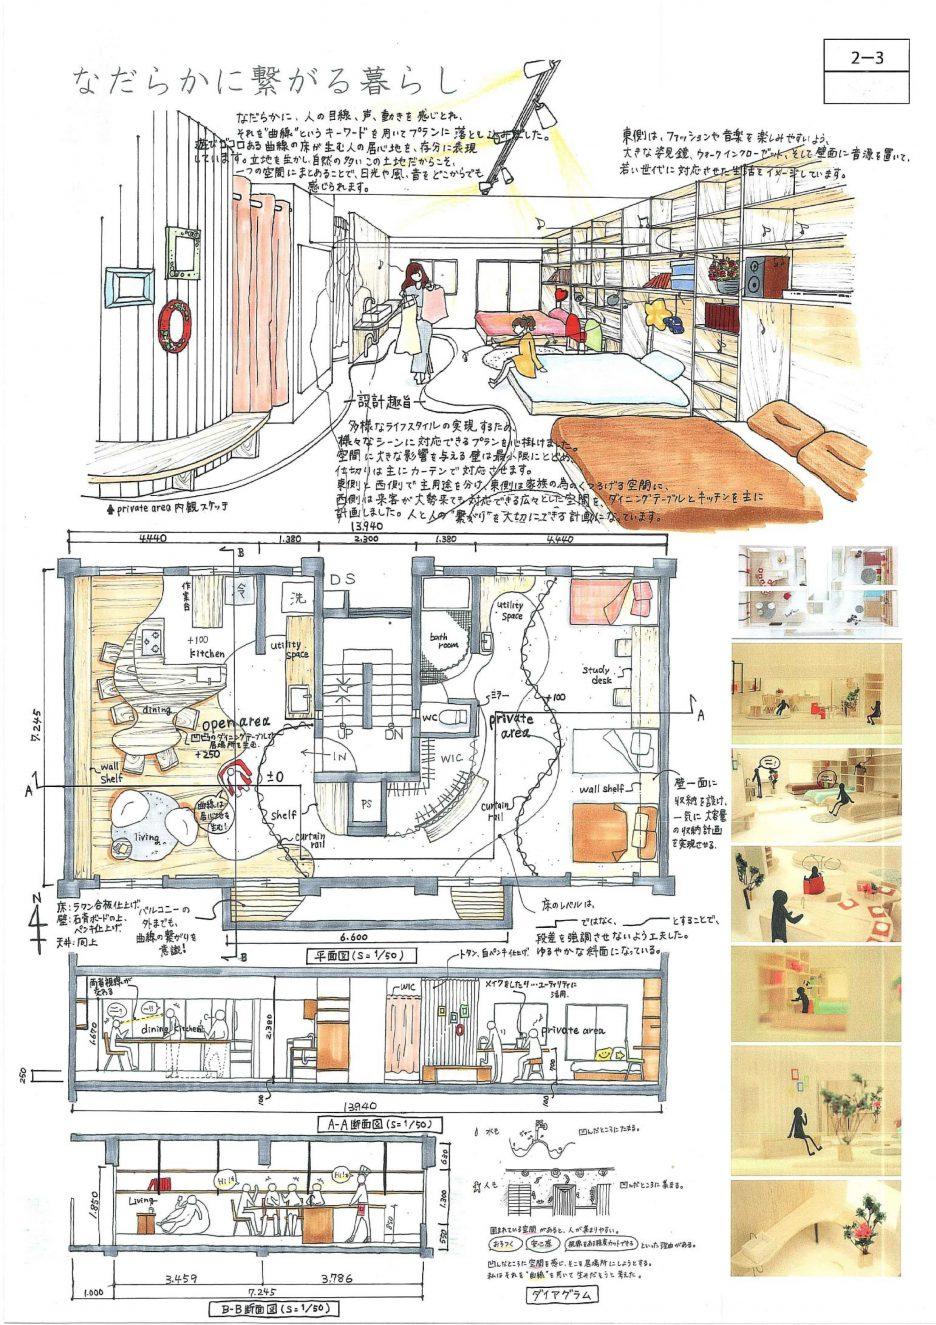 photo: 第28回「あすなろ夢建築」大阪府公共建築設計コンクールでOCTの学生3名が入選しました。